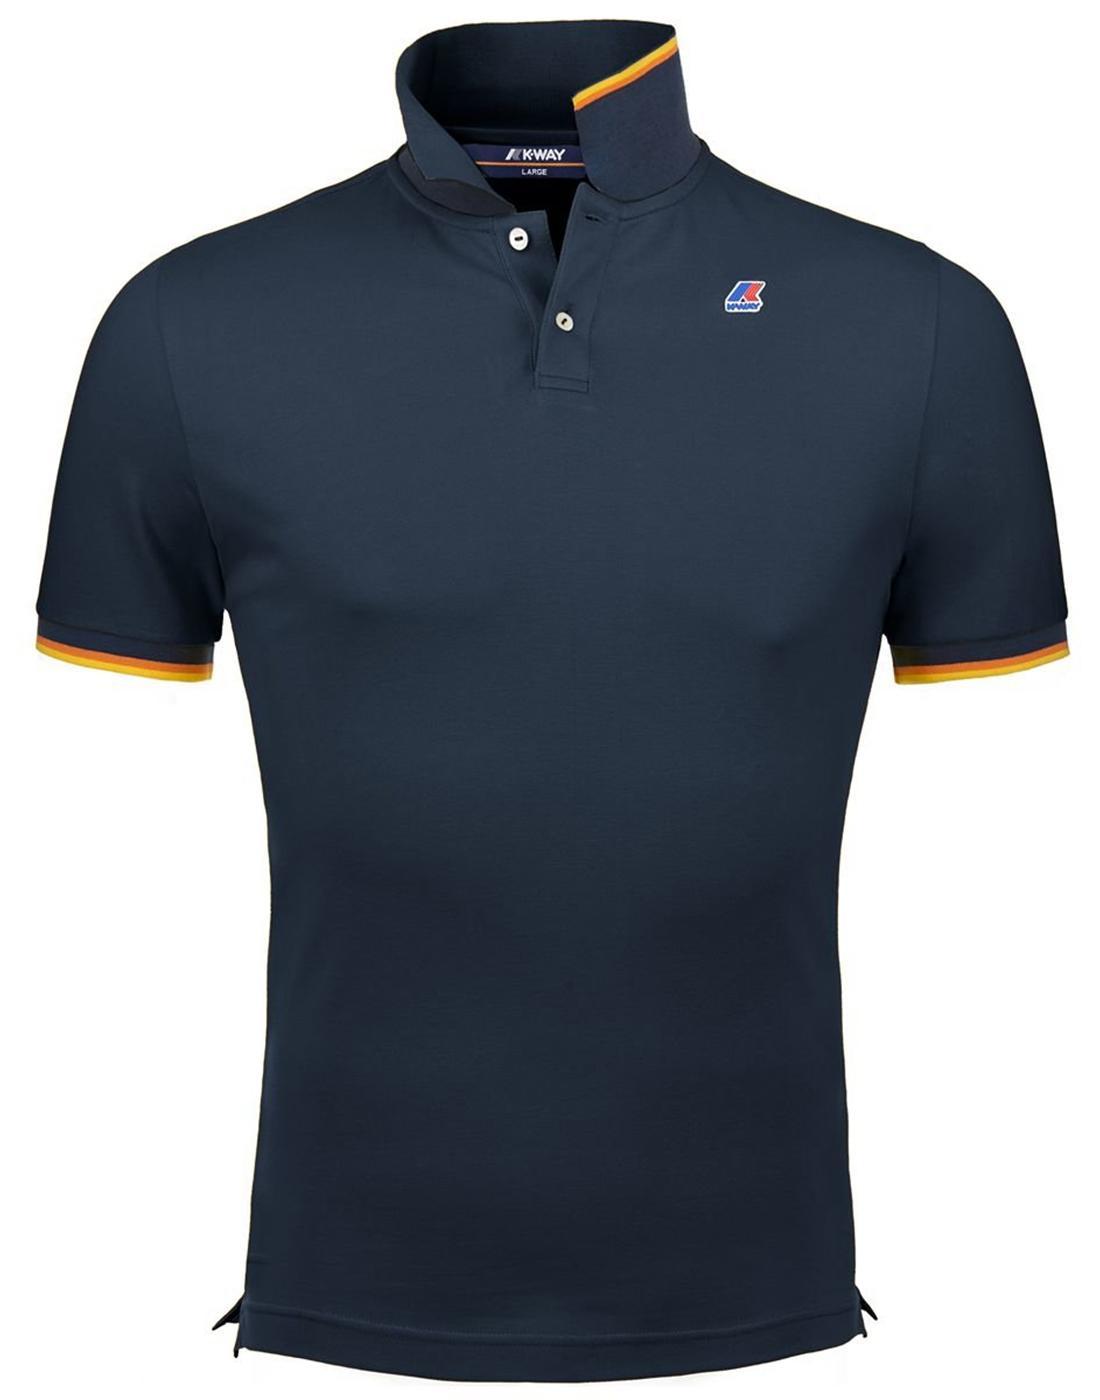 Vincent K-WAY Men's Retro Pique Polo Shirt in Navy